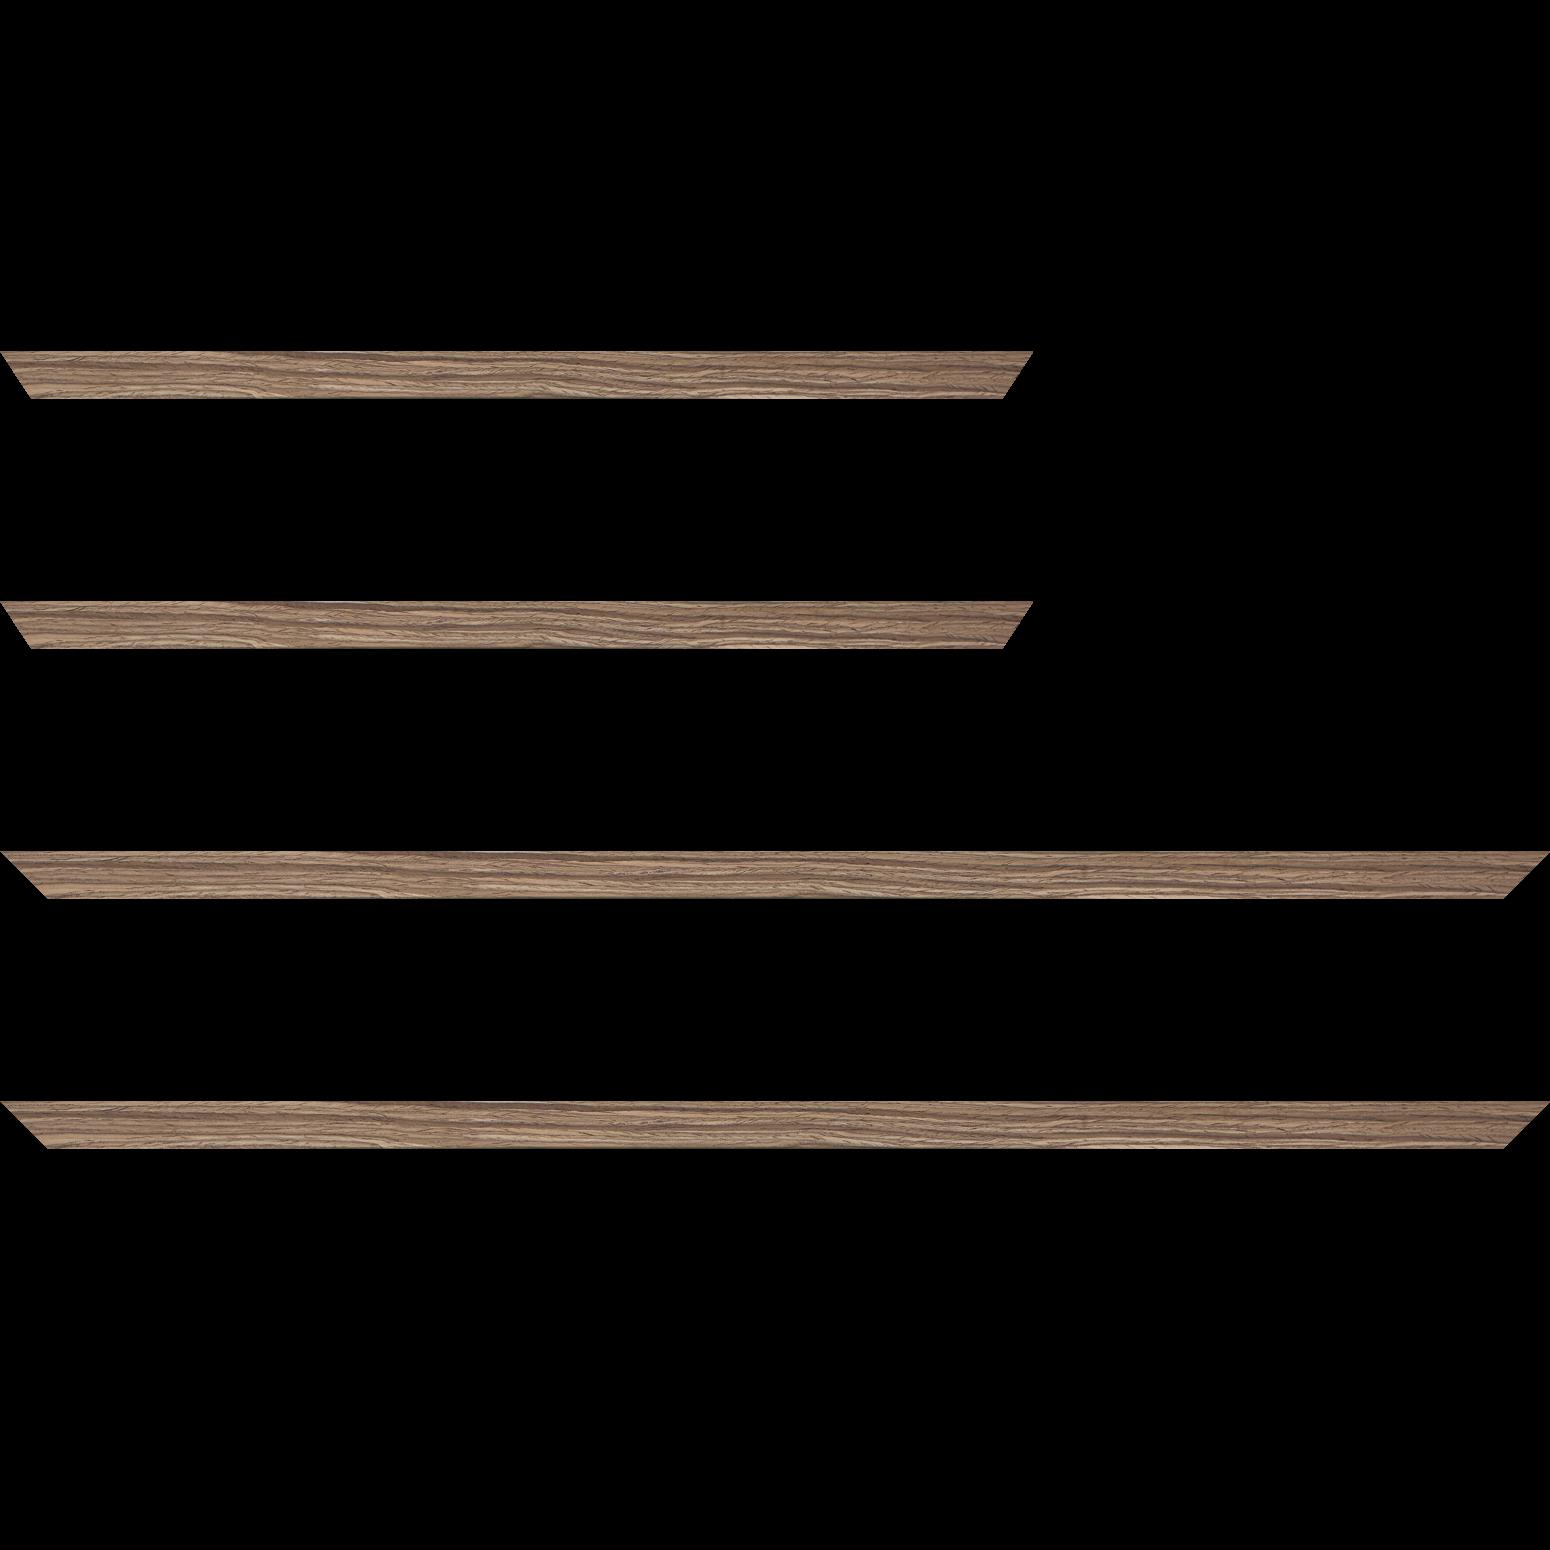 Baguette service précoupé Bois profil plat largeur 1.5cm hauteur 3cm plaquage noyer haut de gamme